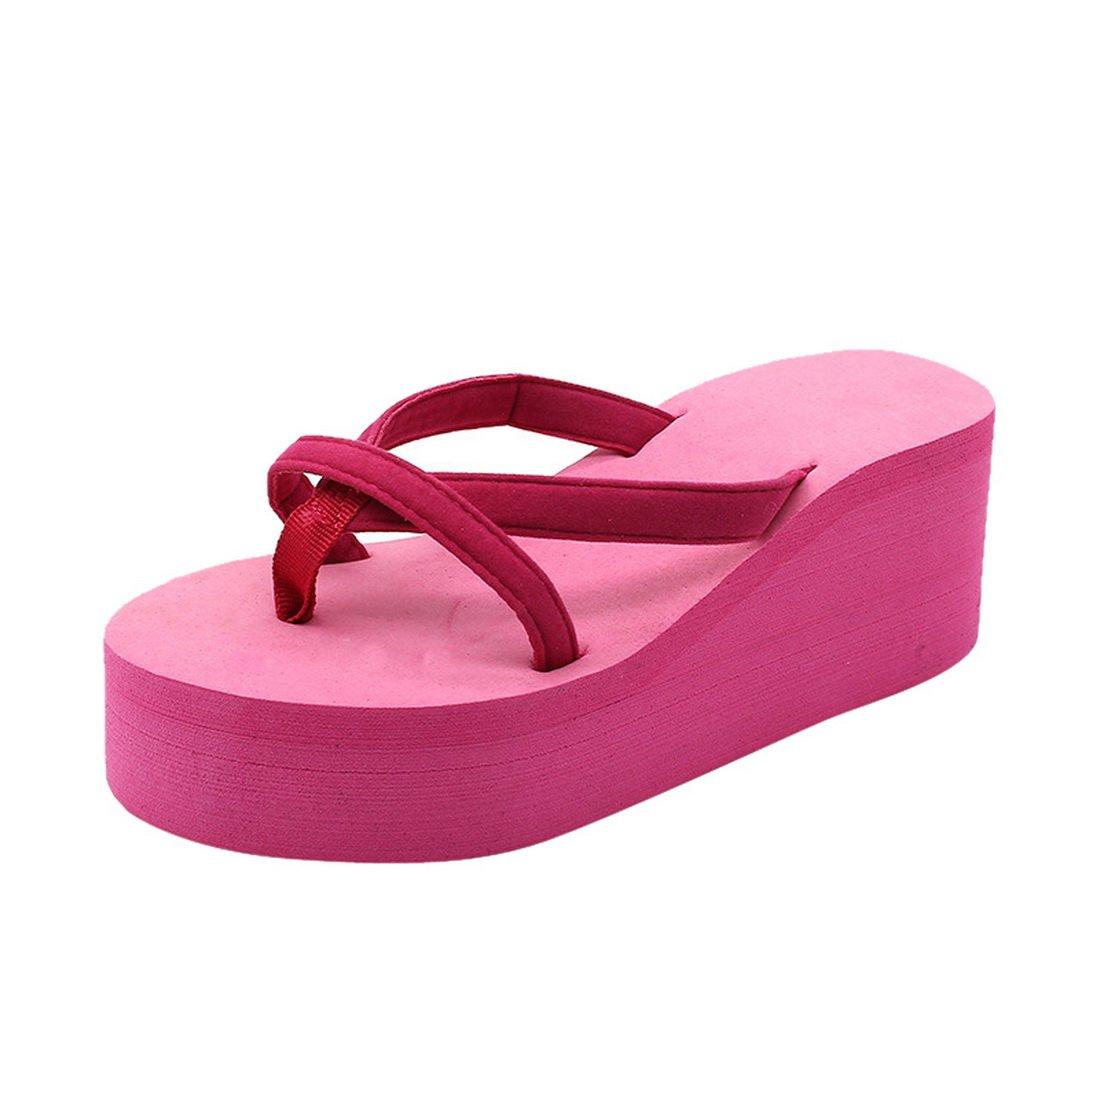 Dihope Damen Mode Flip-Flops Elegant Hausschuhe Zehentrenner Mauml;dchen Schuhe Sommer Sandalen Strand Schuhe Hoher Absatz  34|Rosa